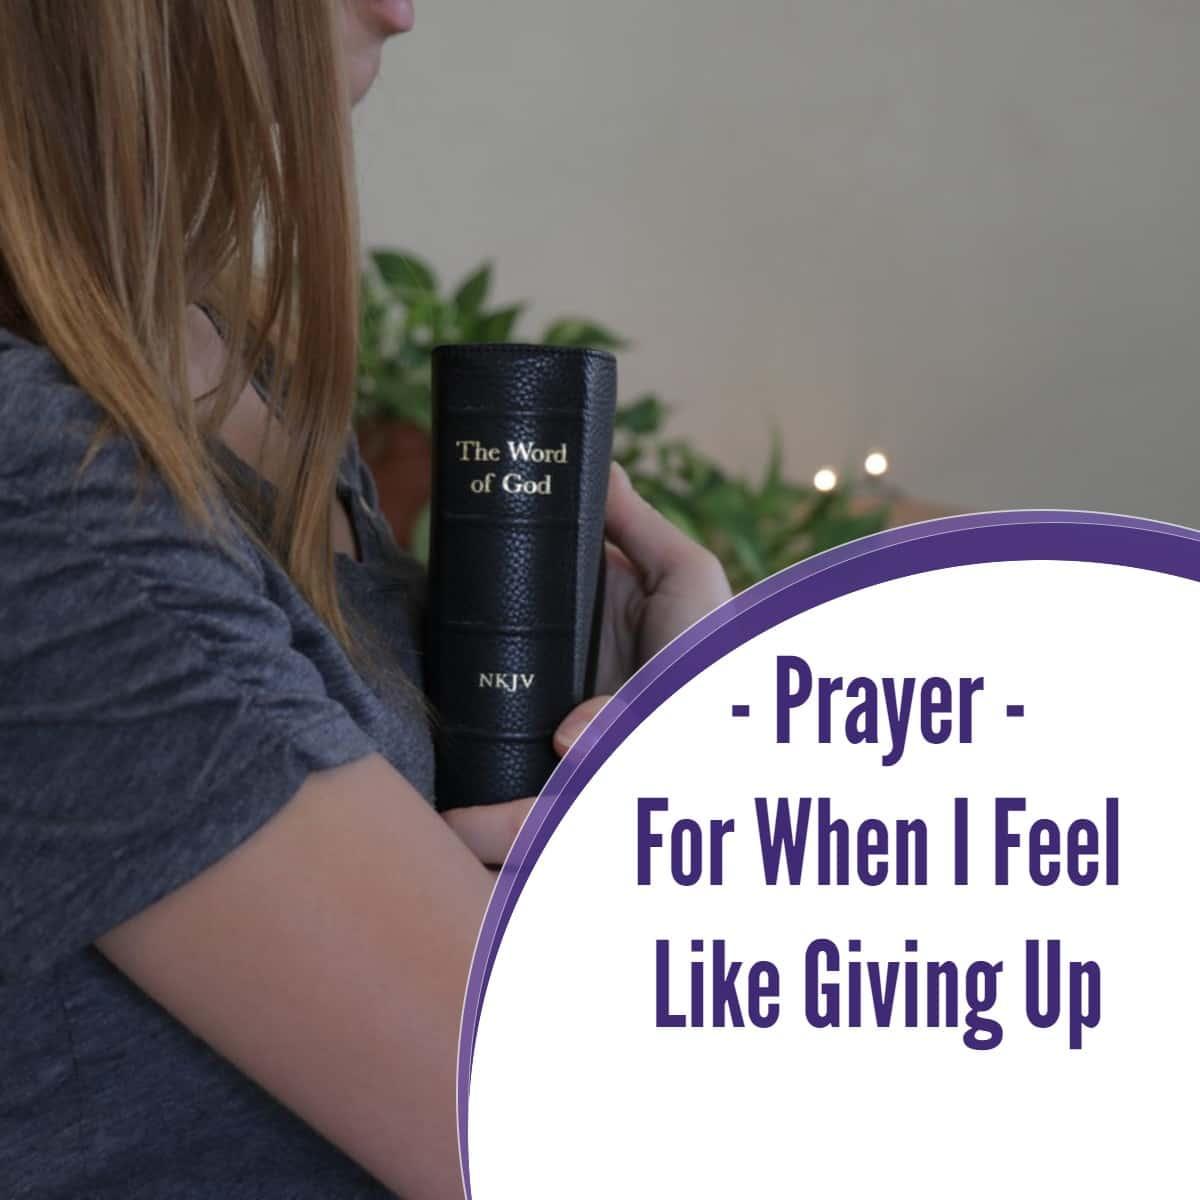 Prayer for When I feel like giving up